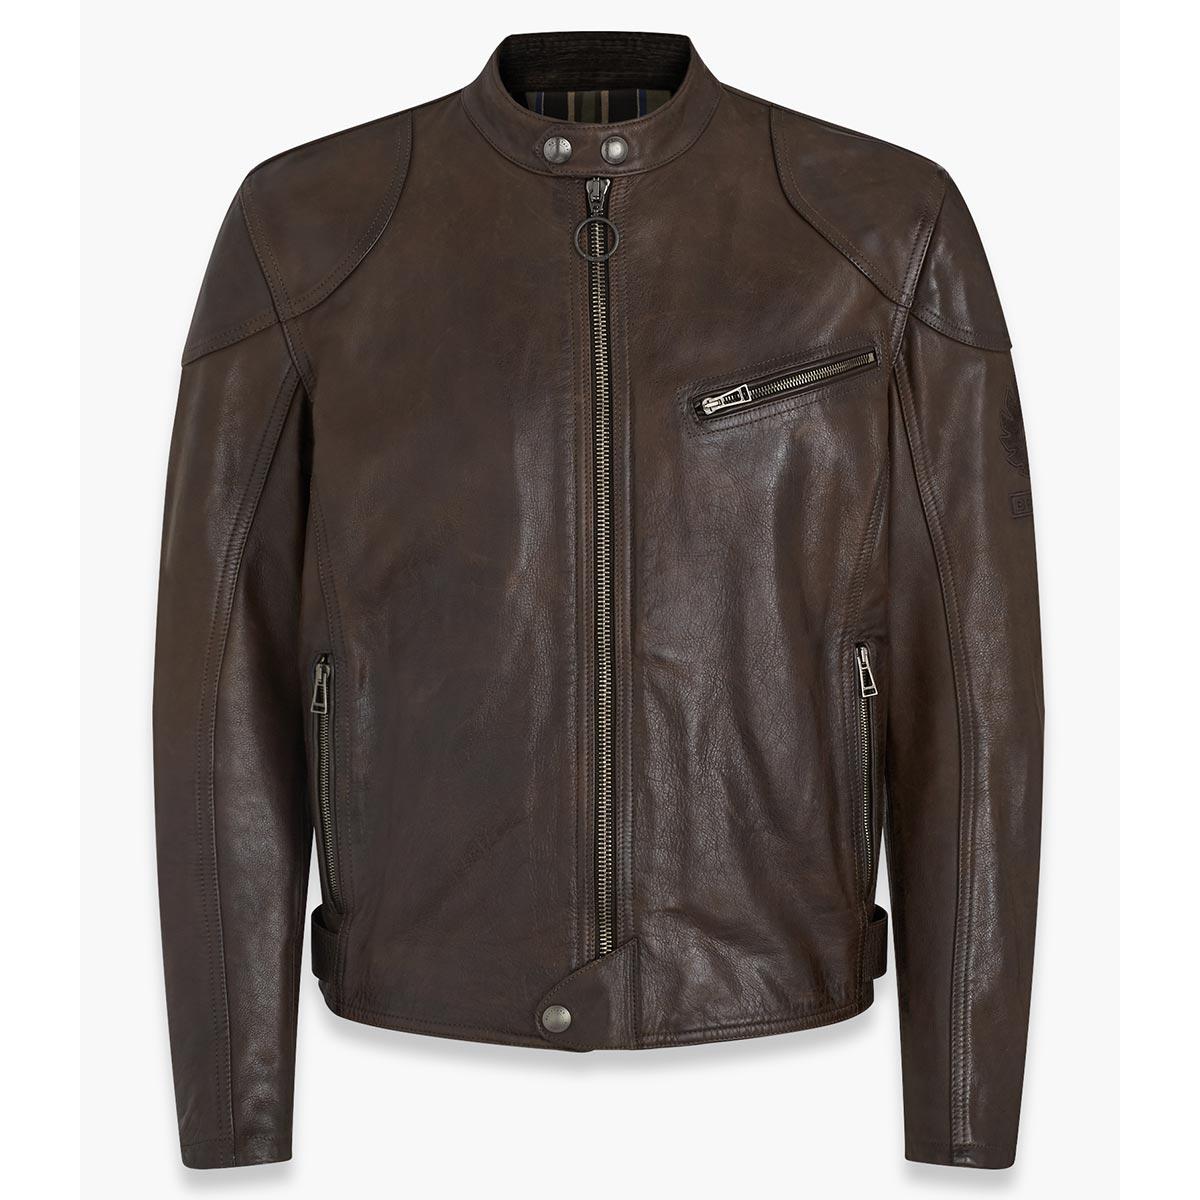 Belstaff Supreme Leather Jacket